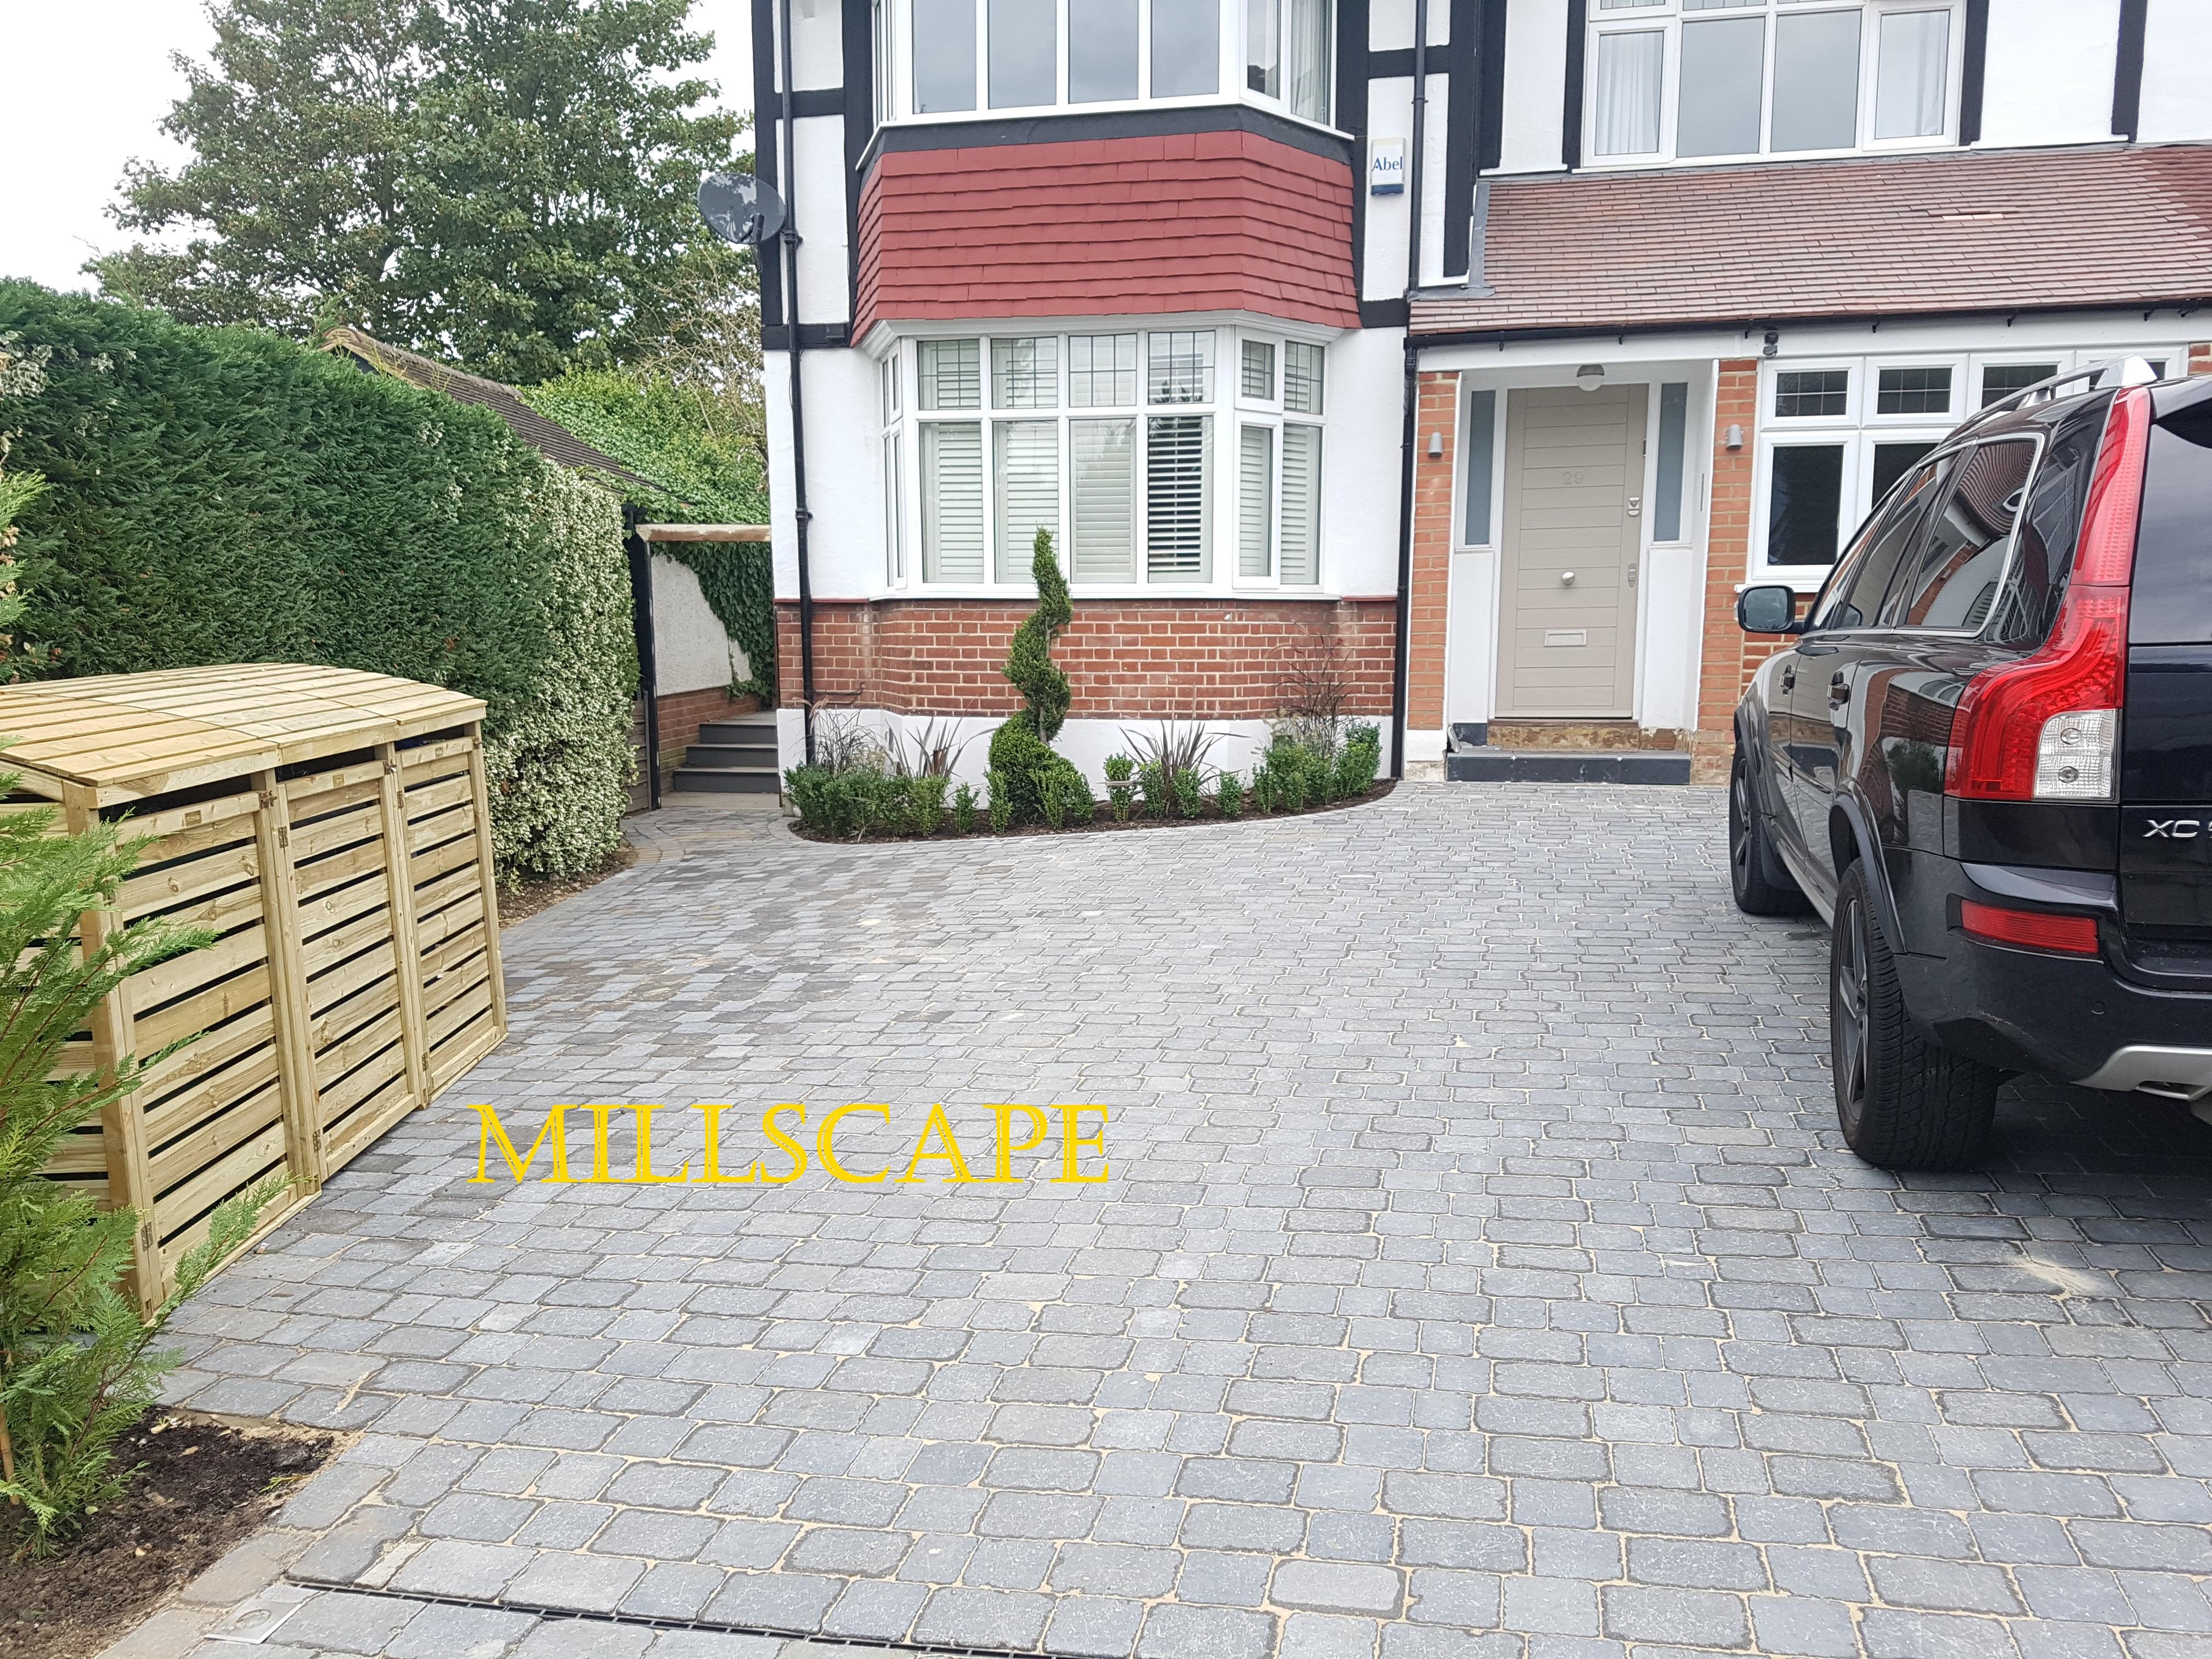 Design, Driveway, Finchley